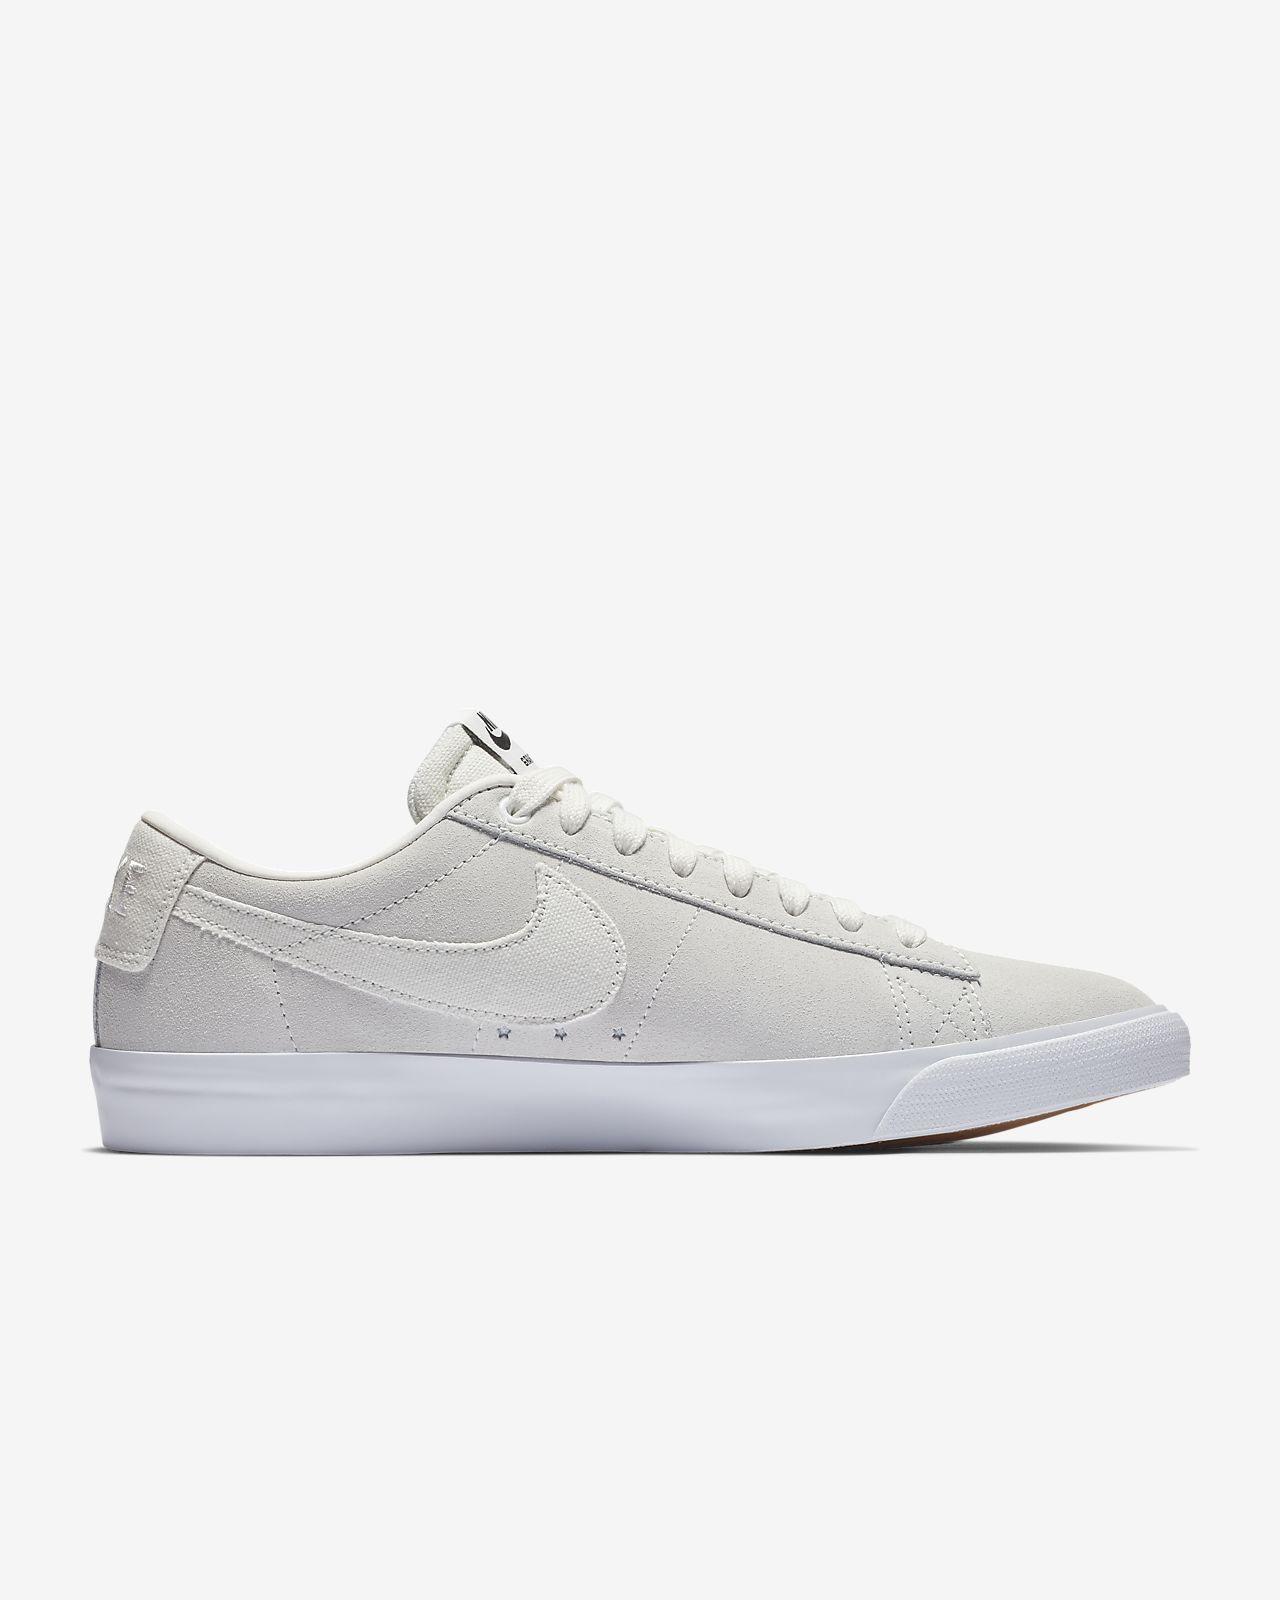 new concept 85bd8 07486 ... Nike SB Blazer Low GT Skate Shoe